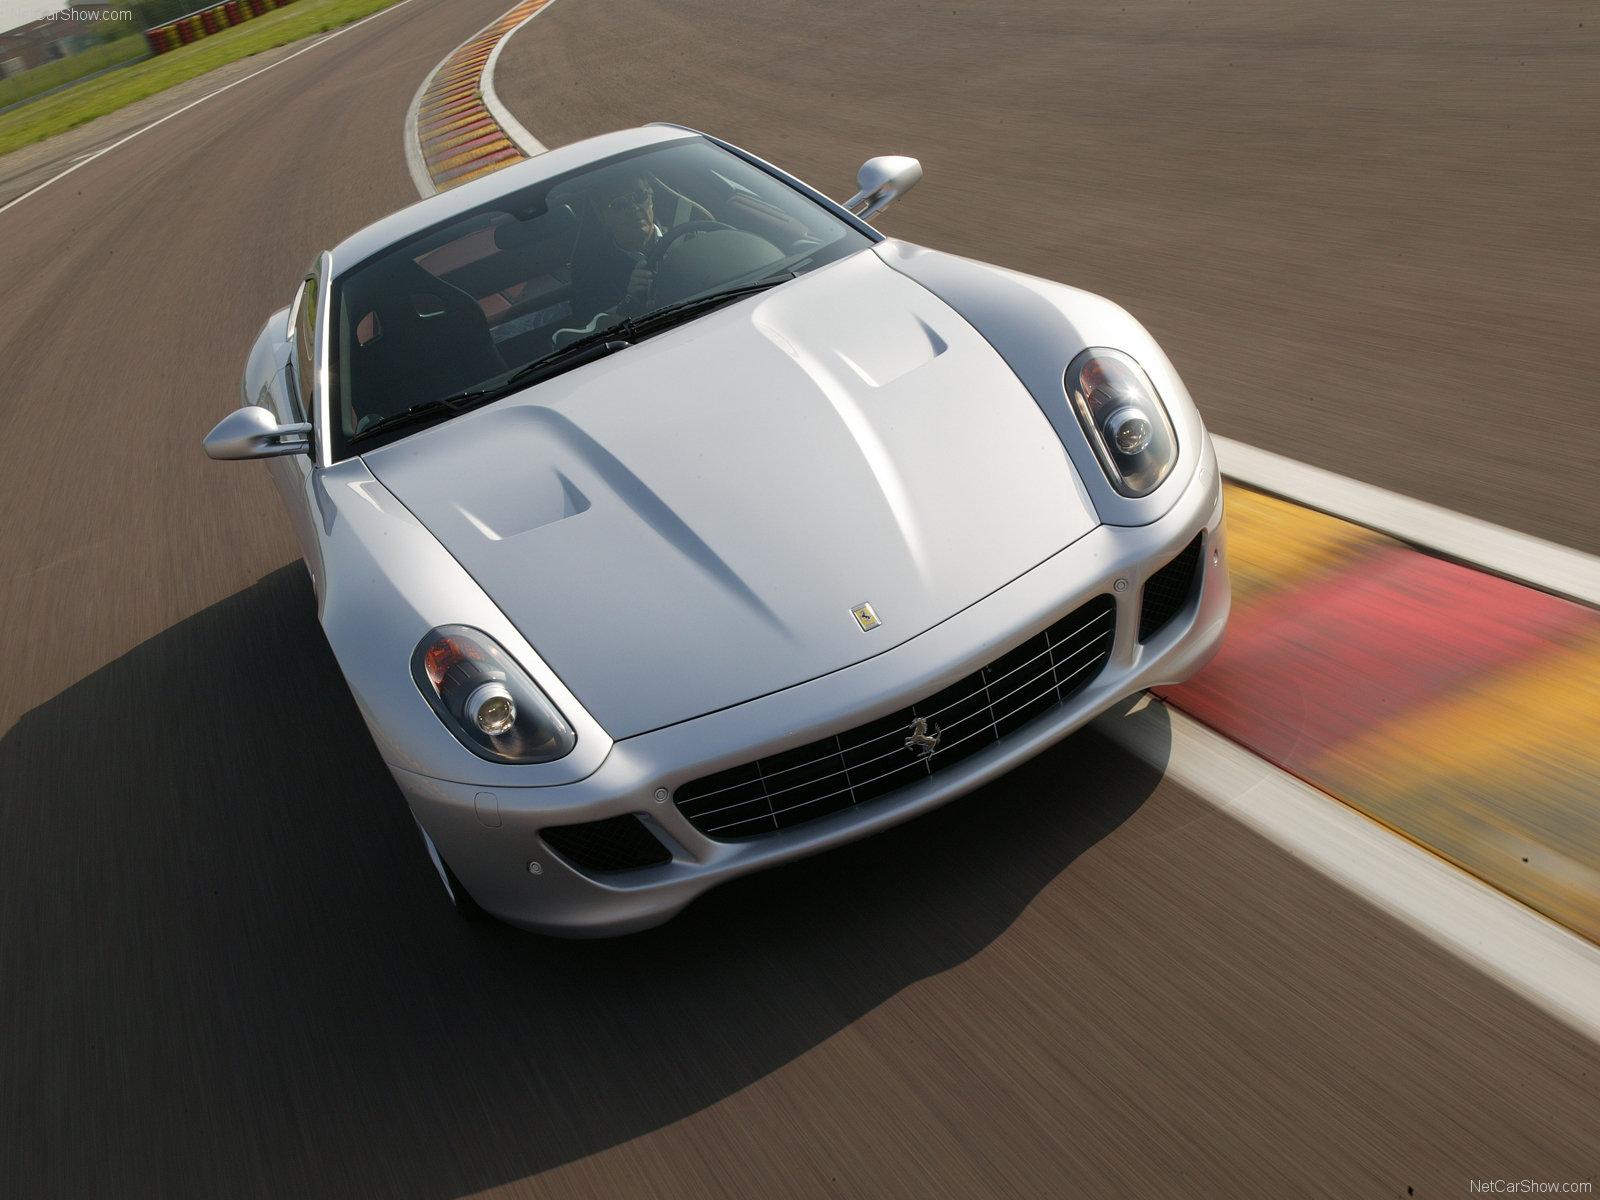 Hình ảnh siêu xe Ferrari 599 GTB Fiorano One-to-One 2009 & nội ngoại thất